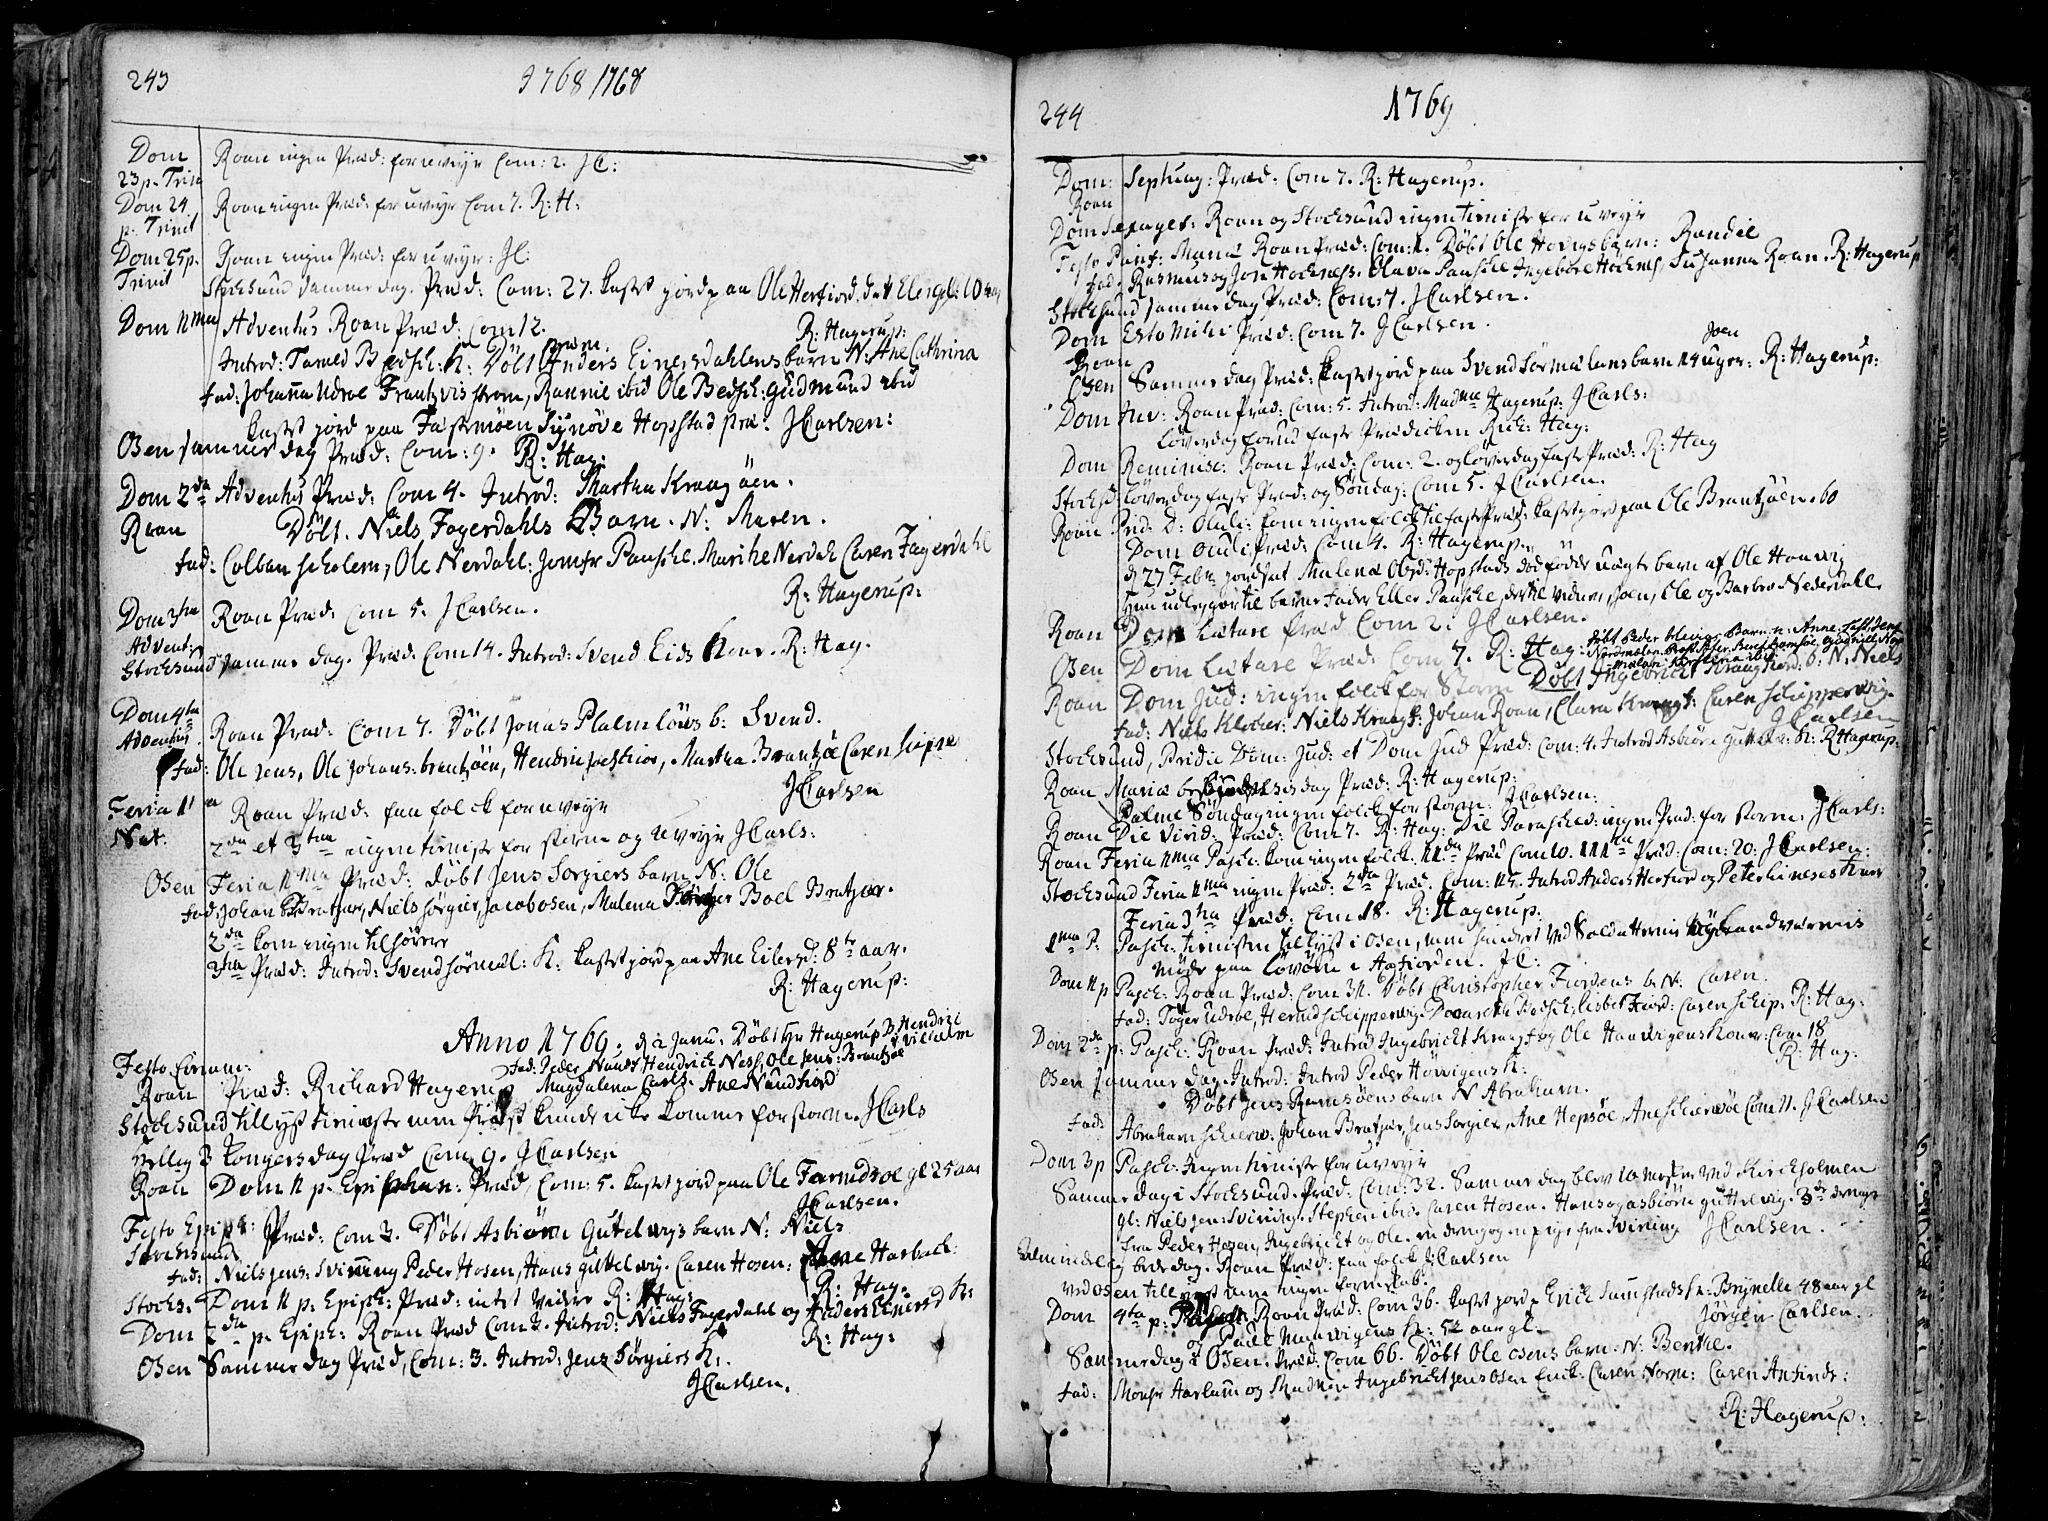 SAT, Ministerialprotokoller, klokkerbøker og fødselsregistre - Sør-Trøndelag, 657/L0700: Ministerialbok nr. 657A01, 1732-1801, s. 243-244